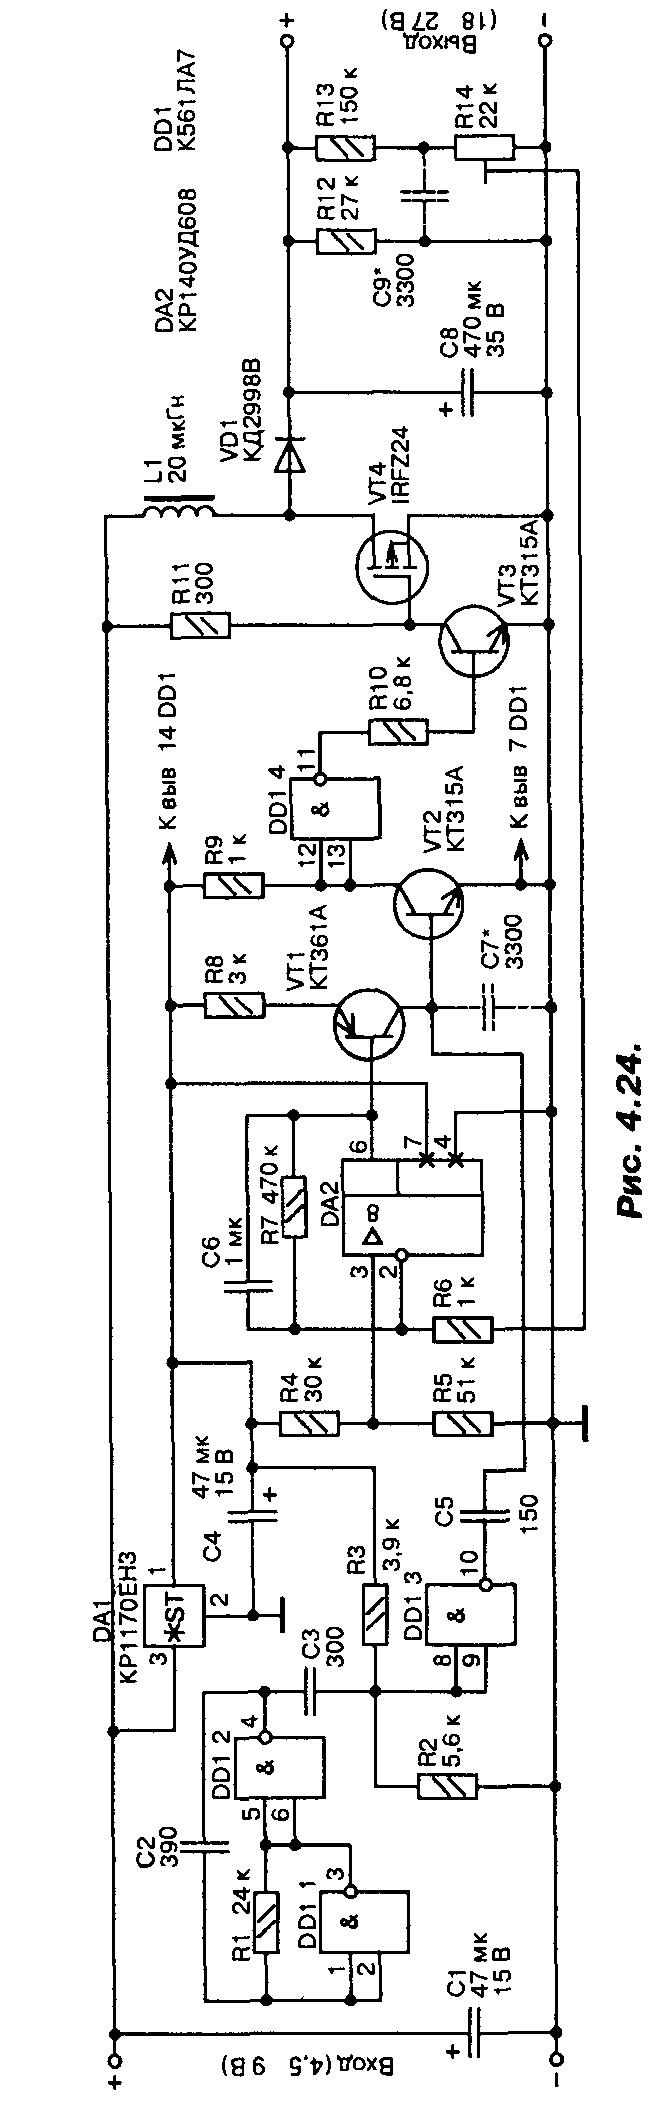 схема два напряжения с одной обмотки 9в и 12в